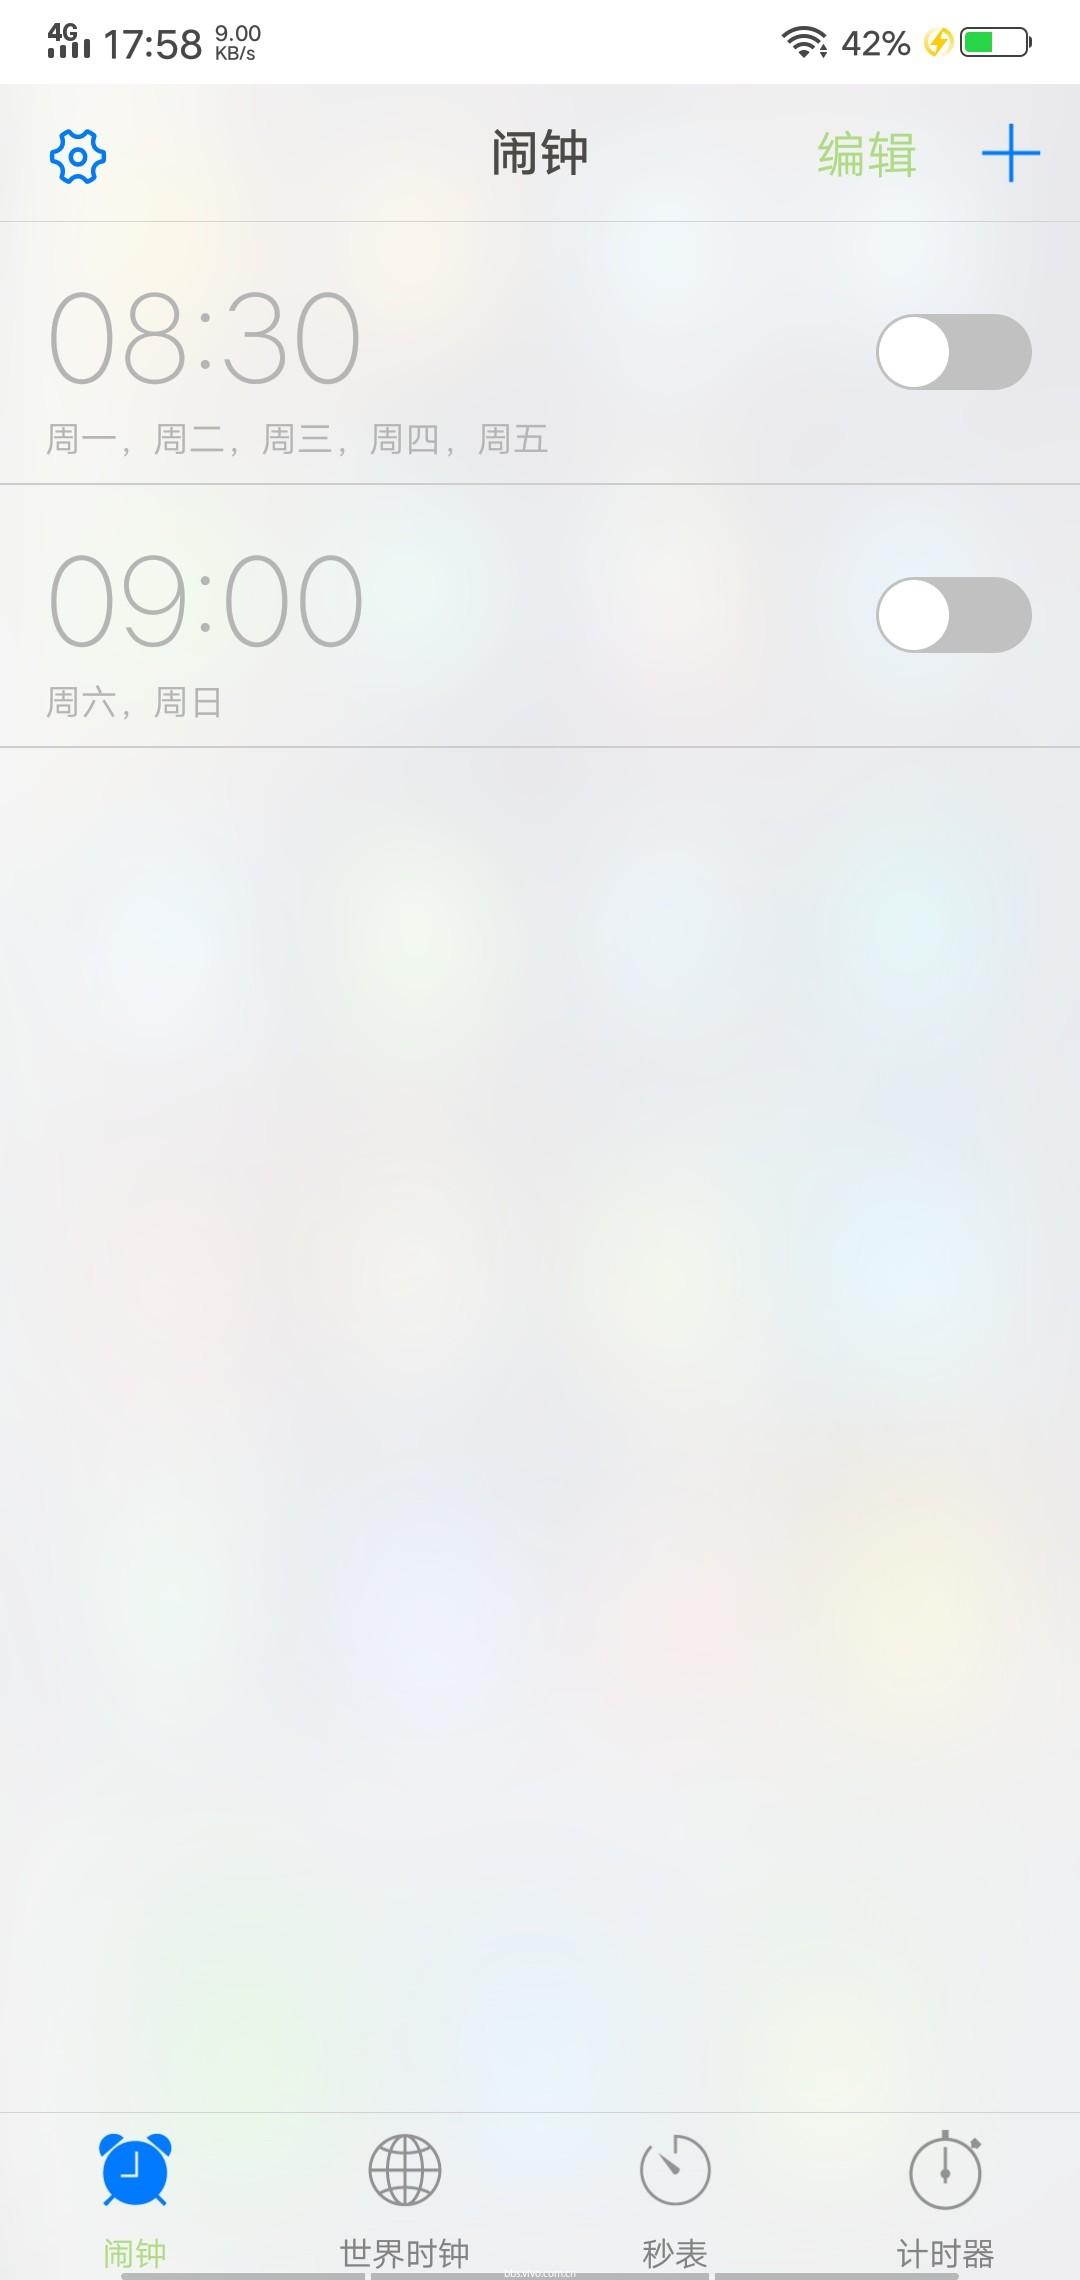 Screenshot_20190424_175848.jpg